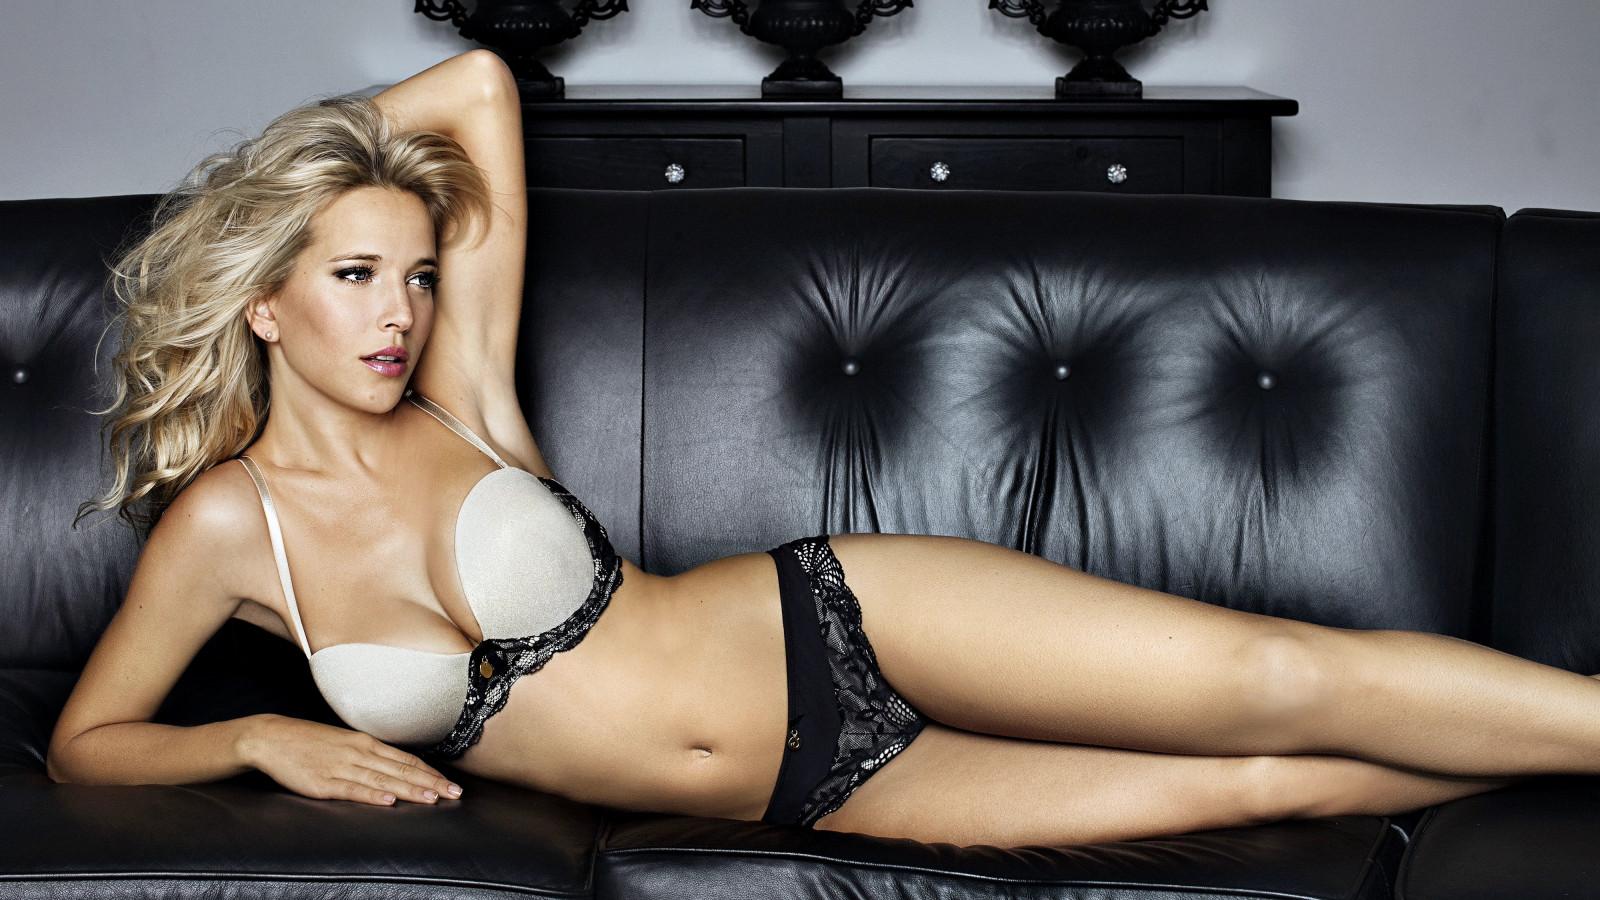 Блондинки голливуда в нижнем кружевном видео, топ порно актрис азиатки